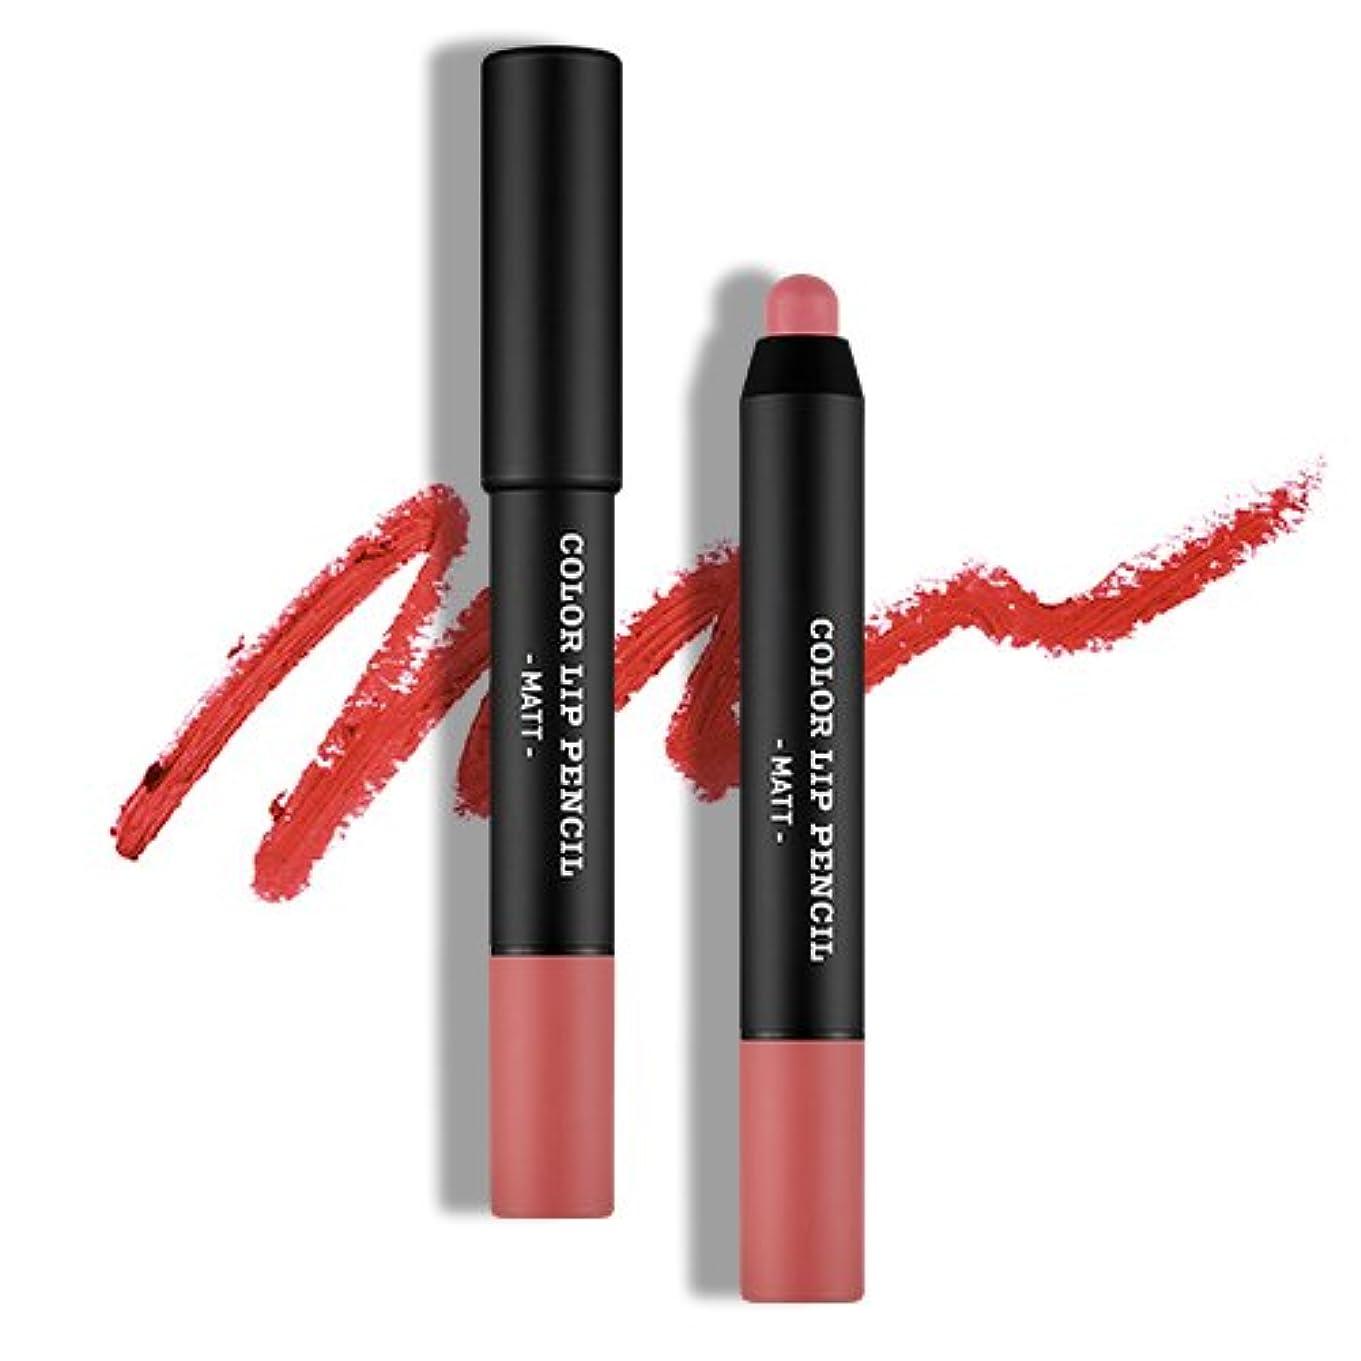 プラットフォーム電気技師育成[韓国コスメ Apieu] [オピュ] カラーリップペンシル(マット) [Apieu] Color Lip Pencil(Matt) (CR02) [並行輸入品]